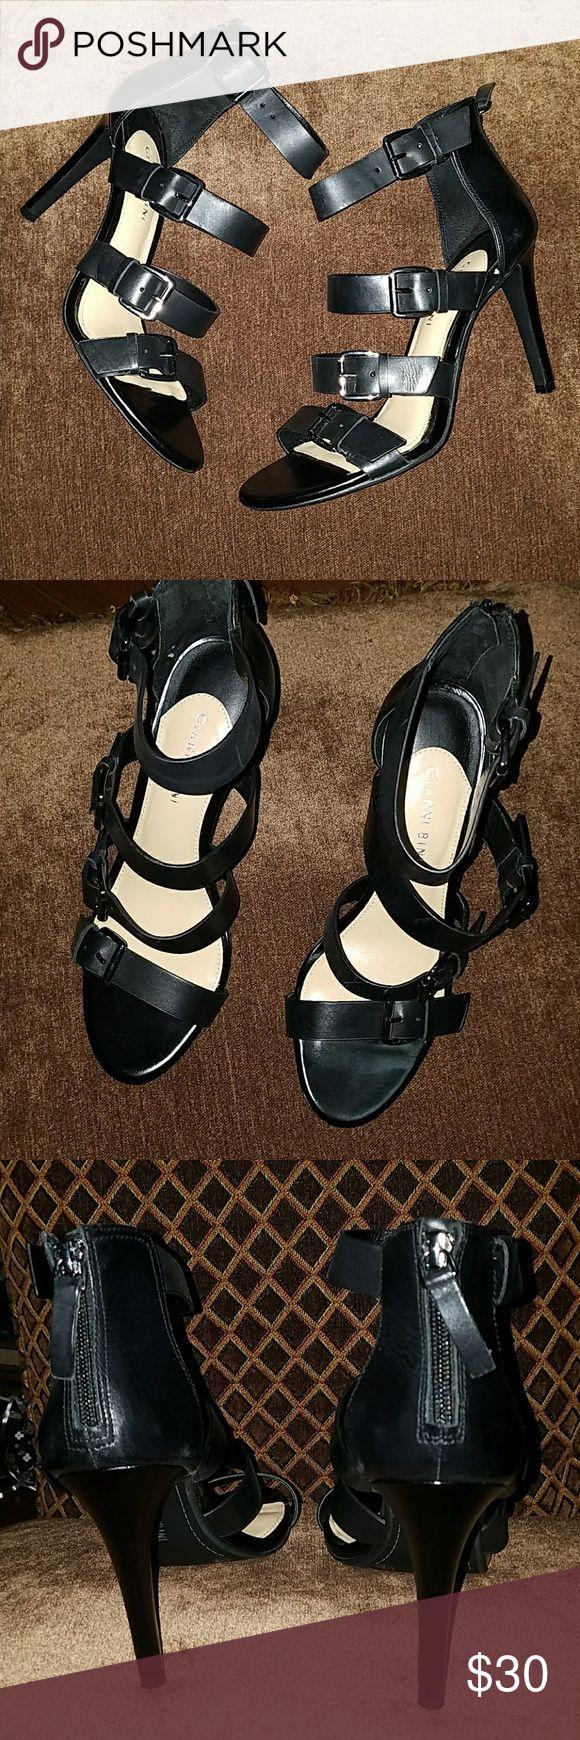 Gianni Bini heels Gianni Bini strappy heels 4 inch heel Gianni Bini Shoes Heels